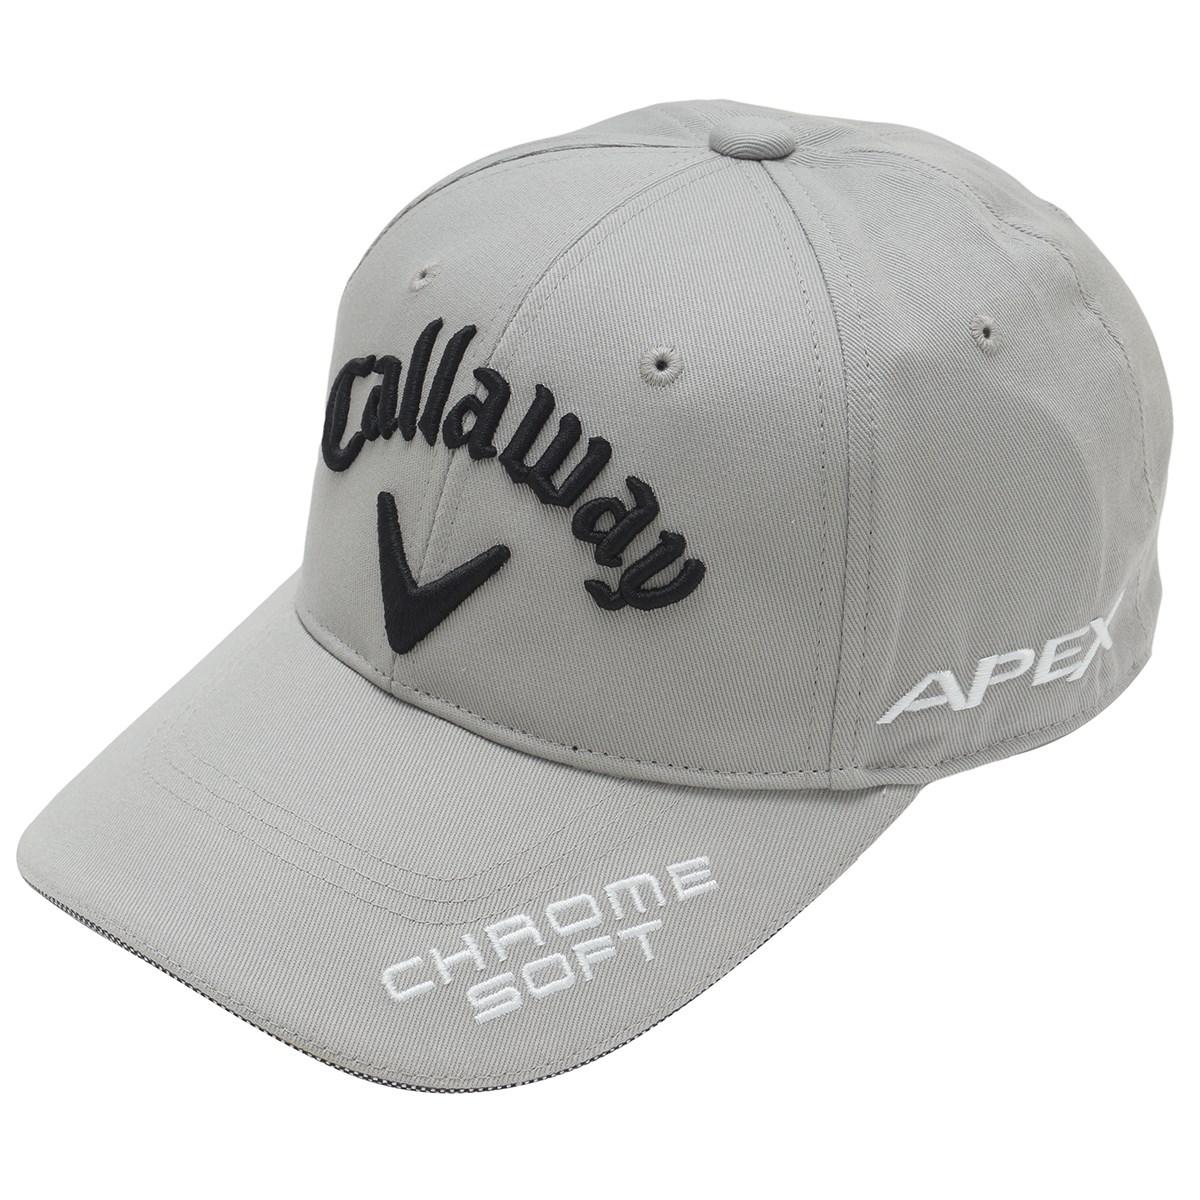 キャロウェイゴルフ Callaway Golf ツアーキャップ JM フリー グレー 020